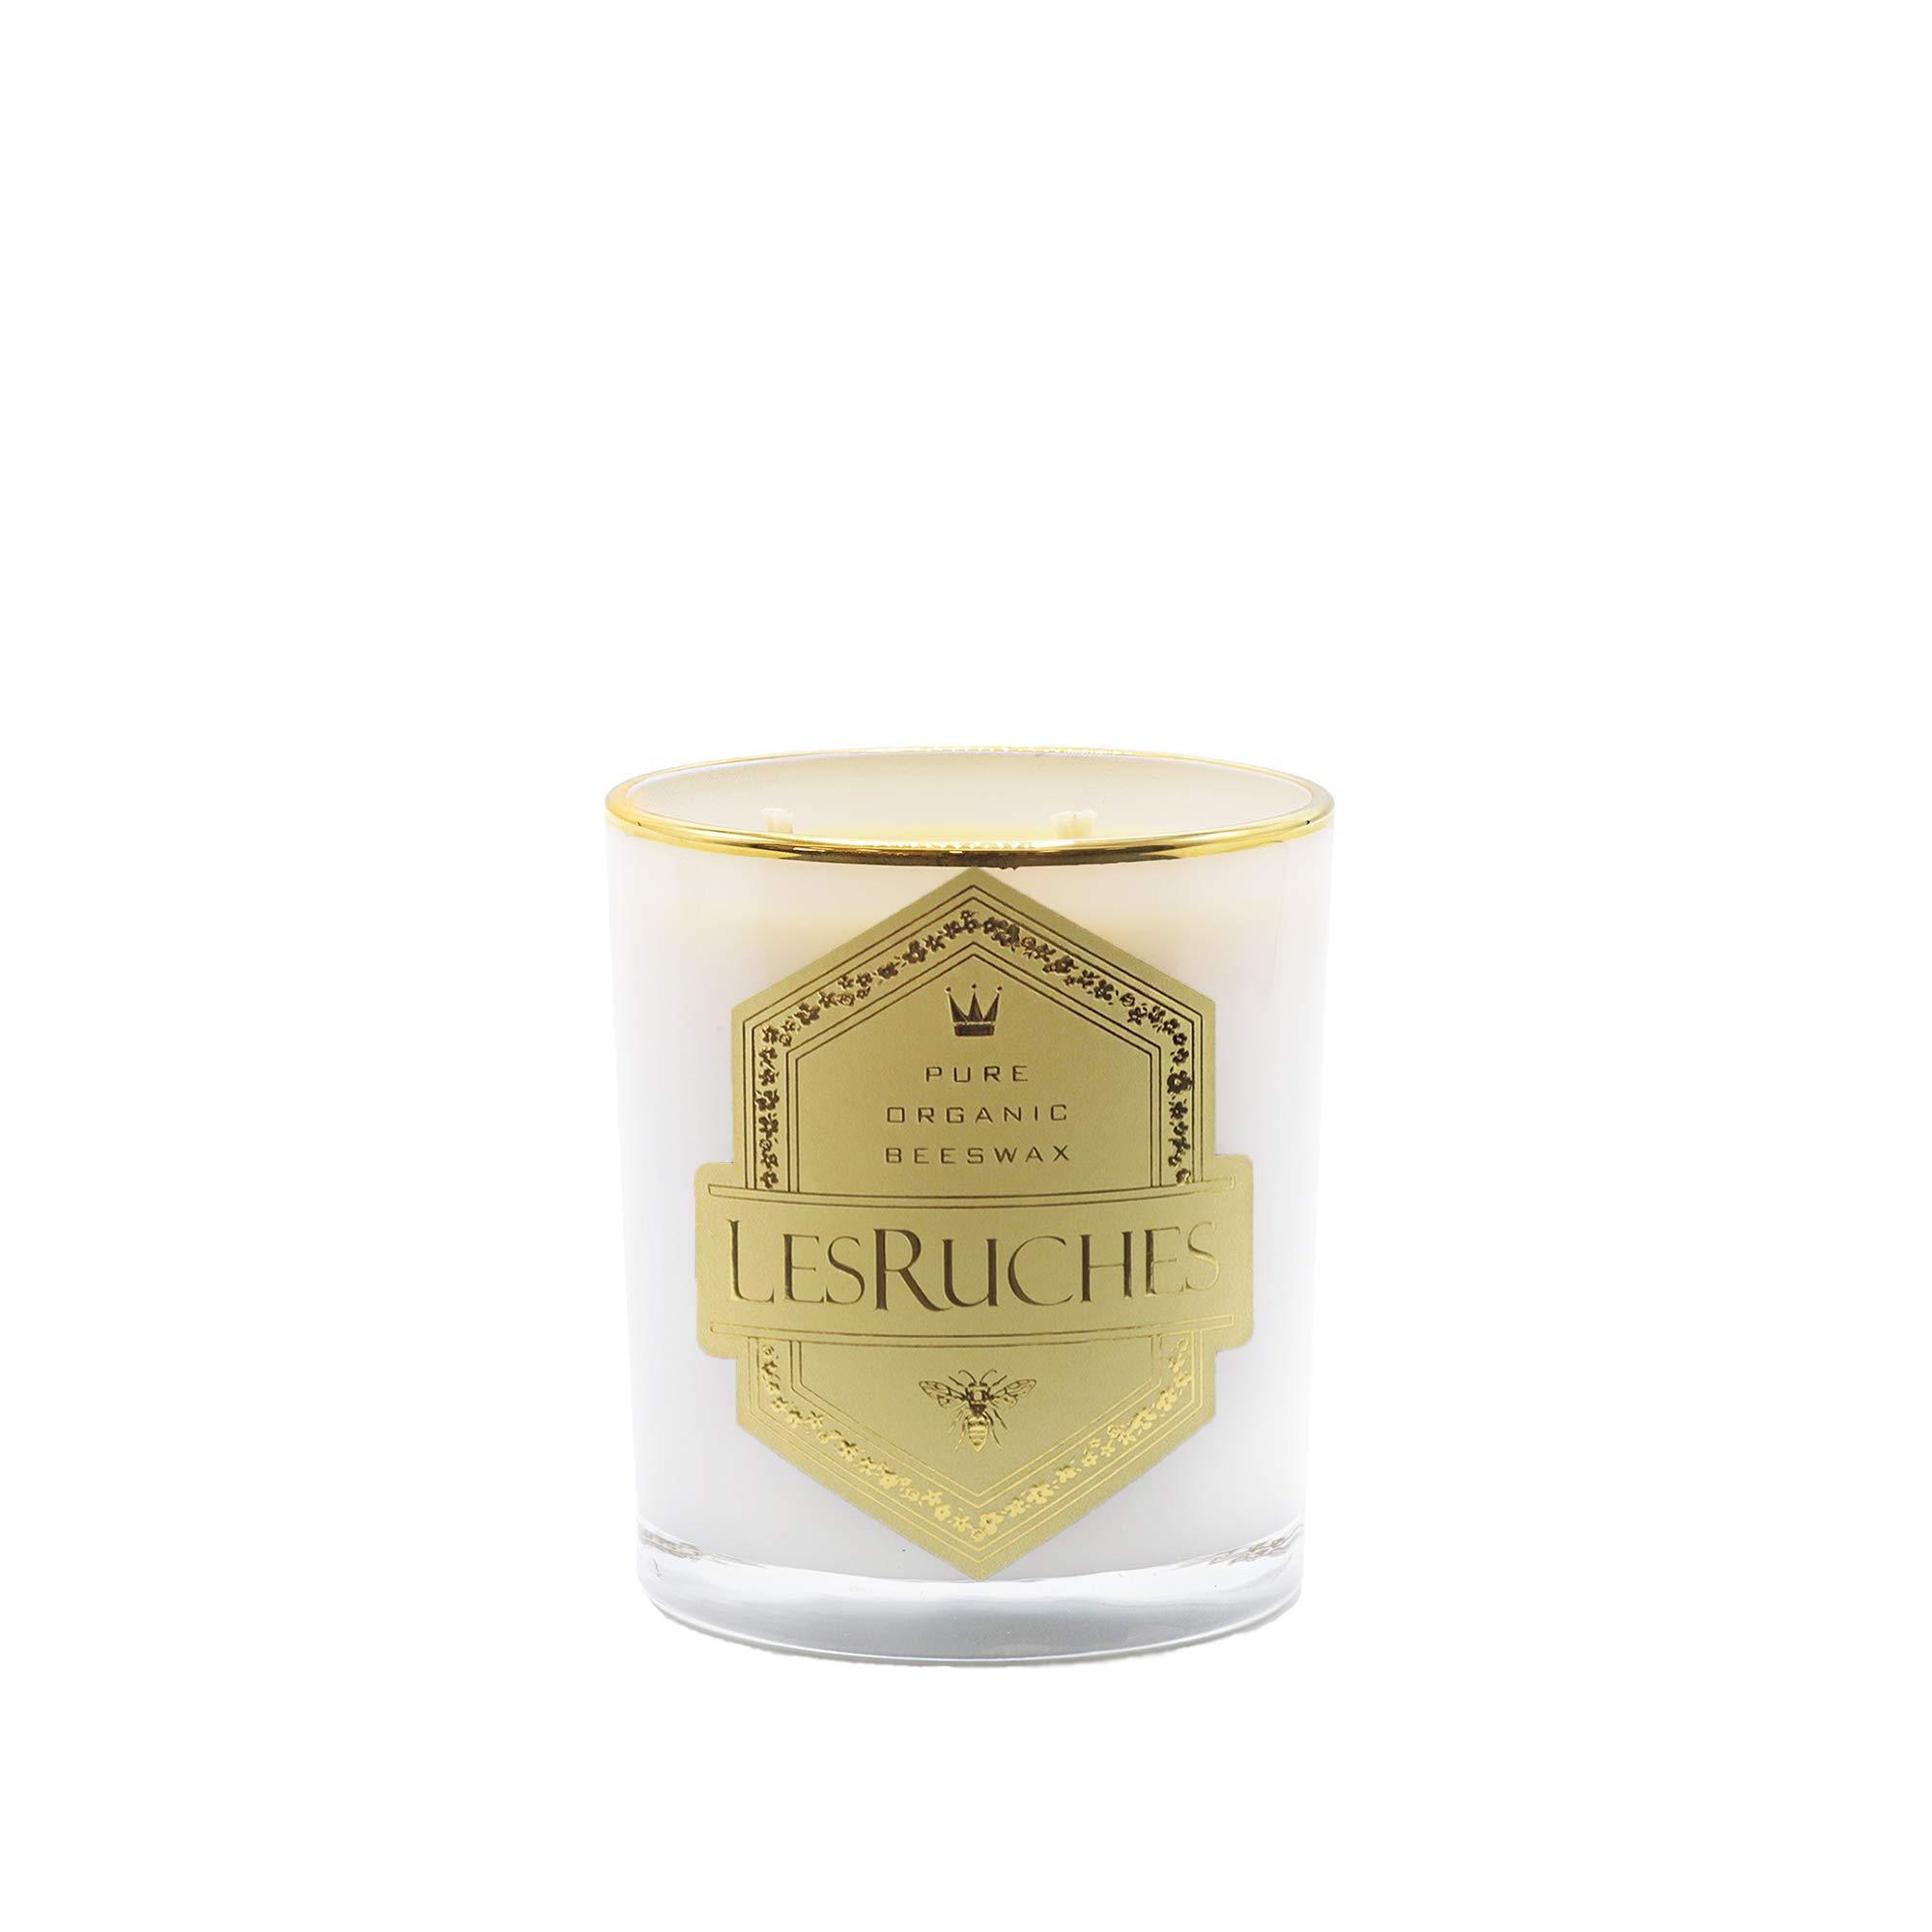 LesRuches Veloute Tubereuse Organic Beeswax Luxury Candle (Velvet Tuberose) 9.5 oz.